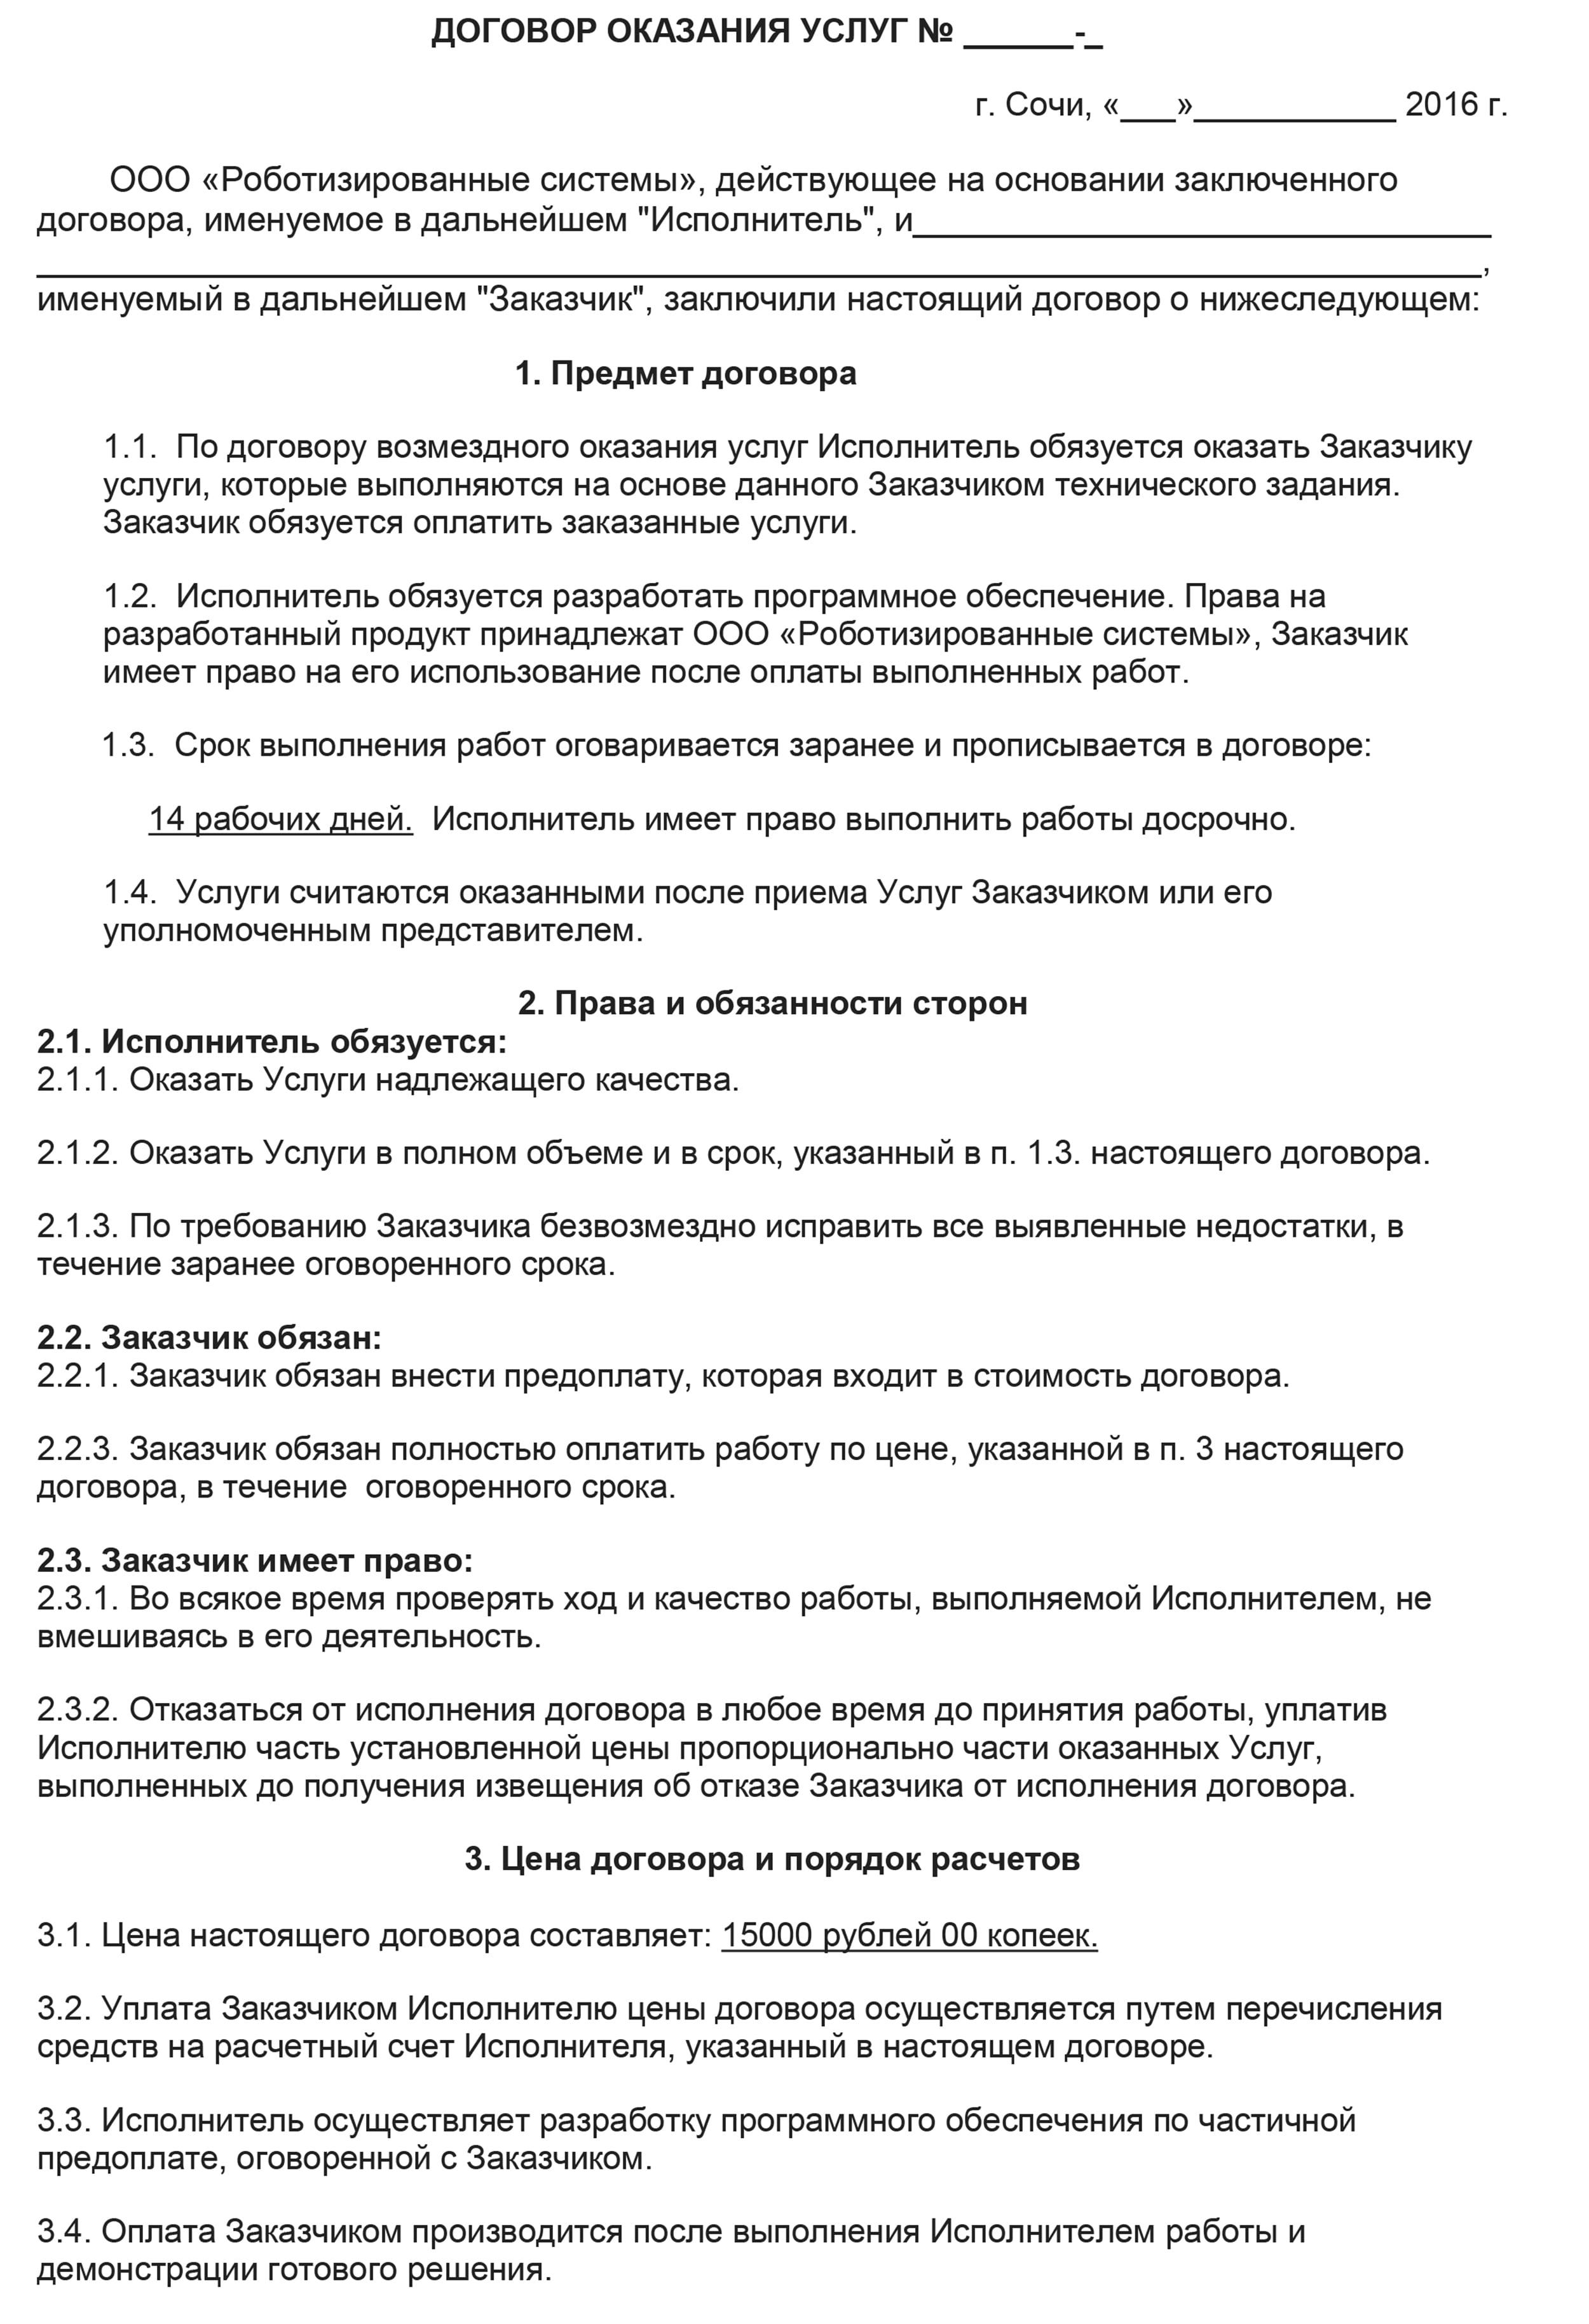 mt4 pentru tranzacționarea opțiunilor binare